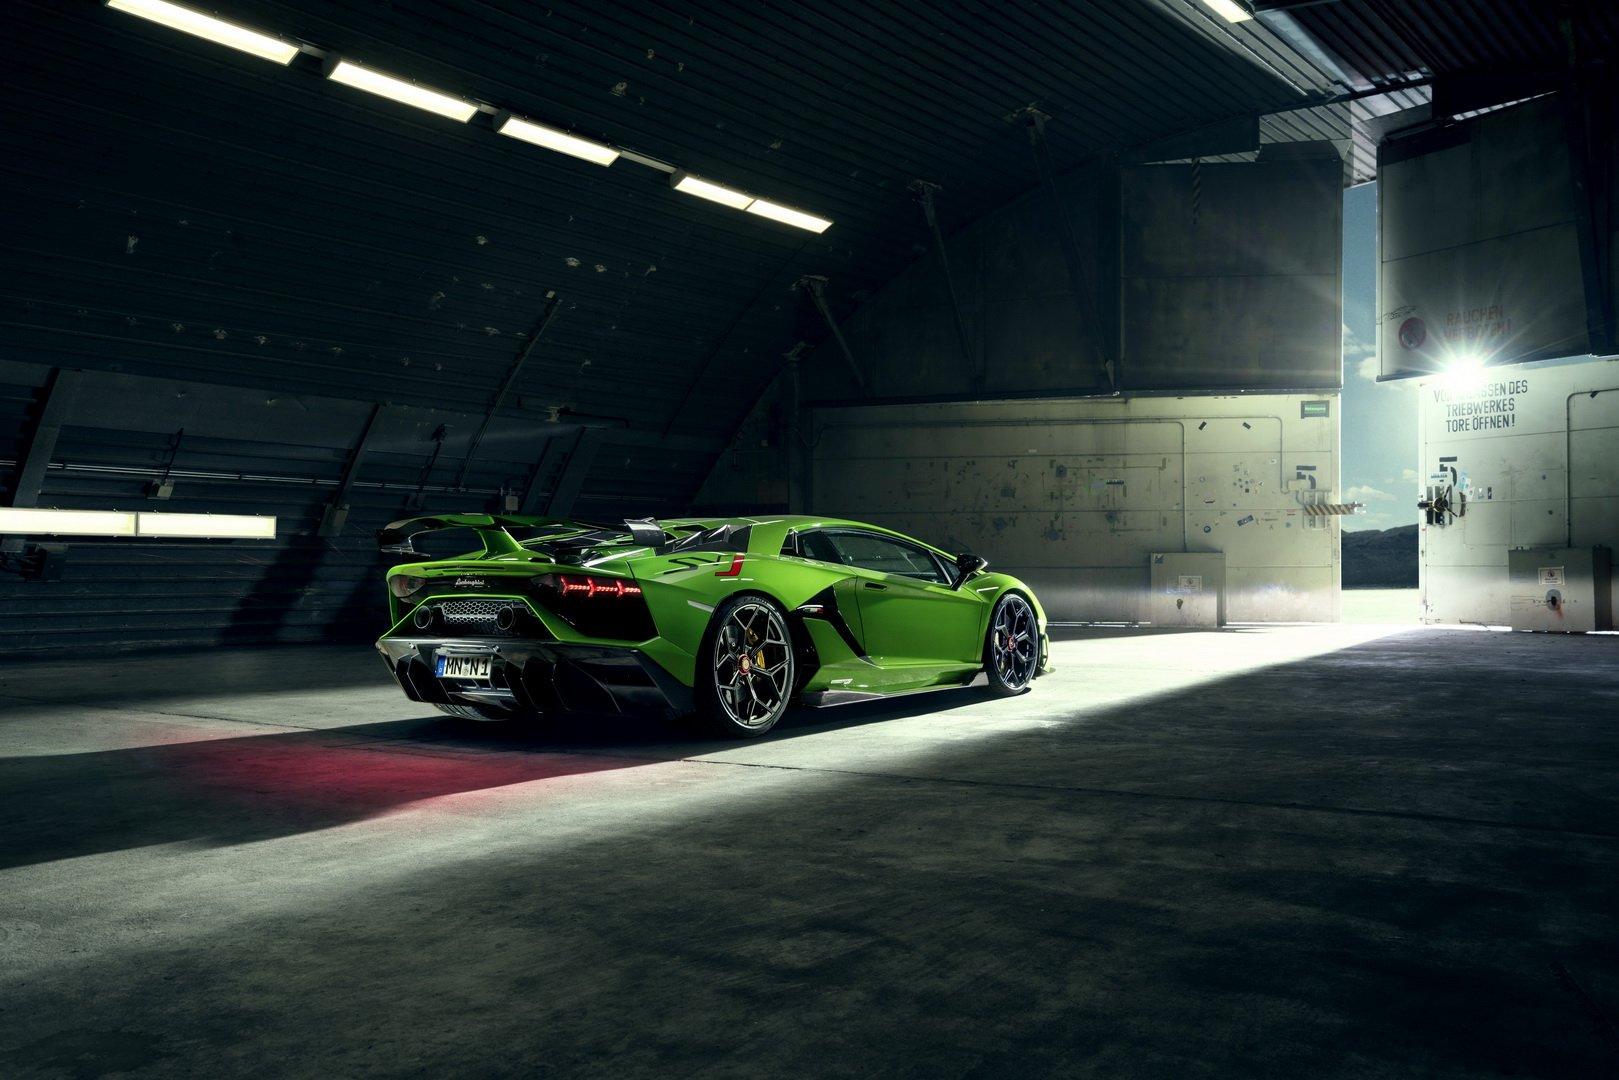 Lamborghini-Aventador-SVJ-by-Novitec-8